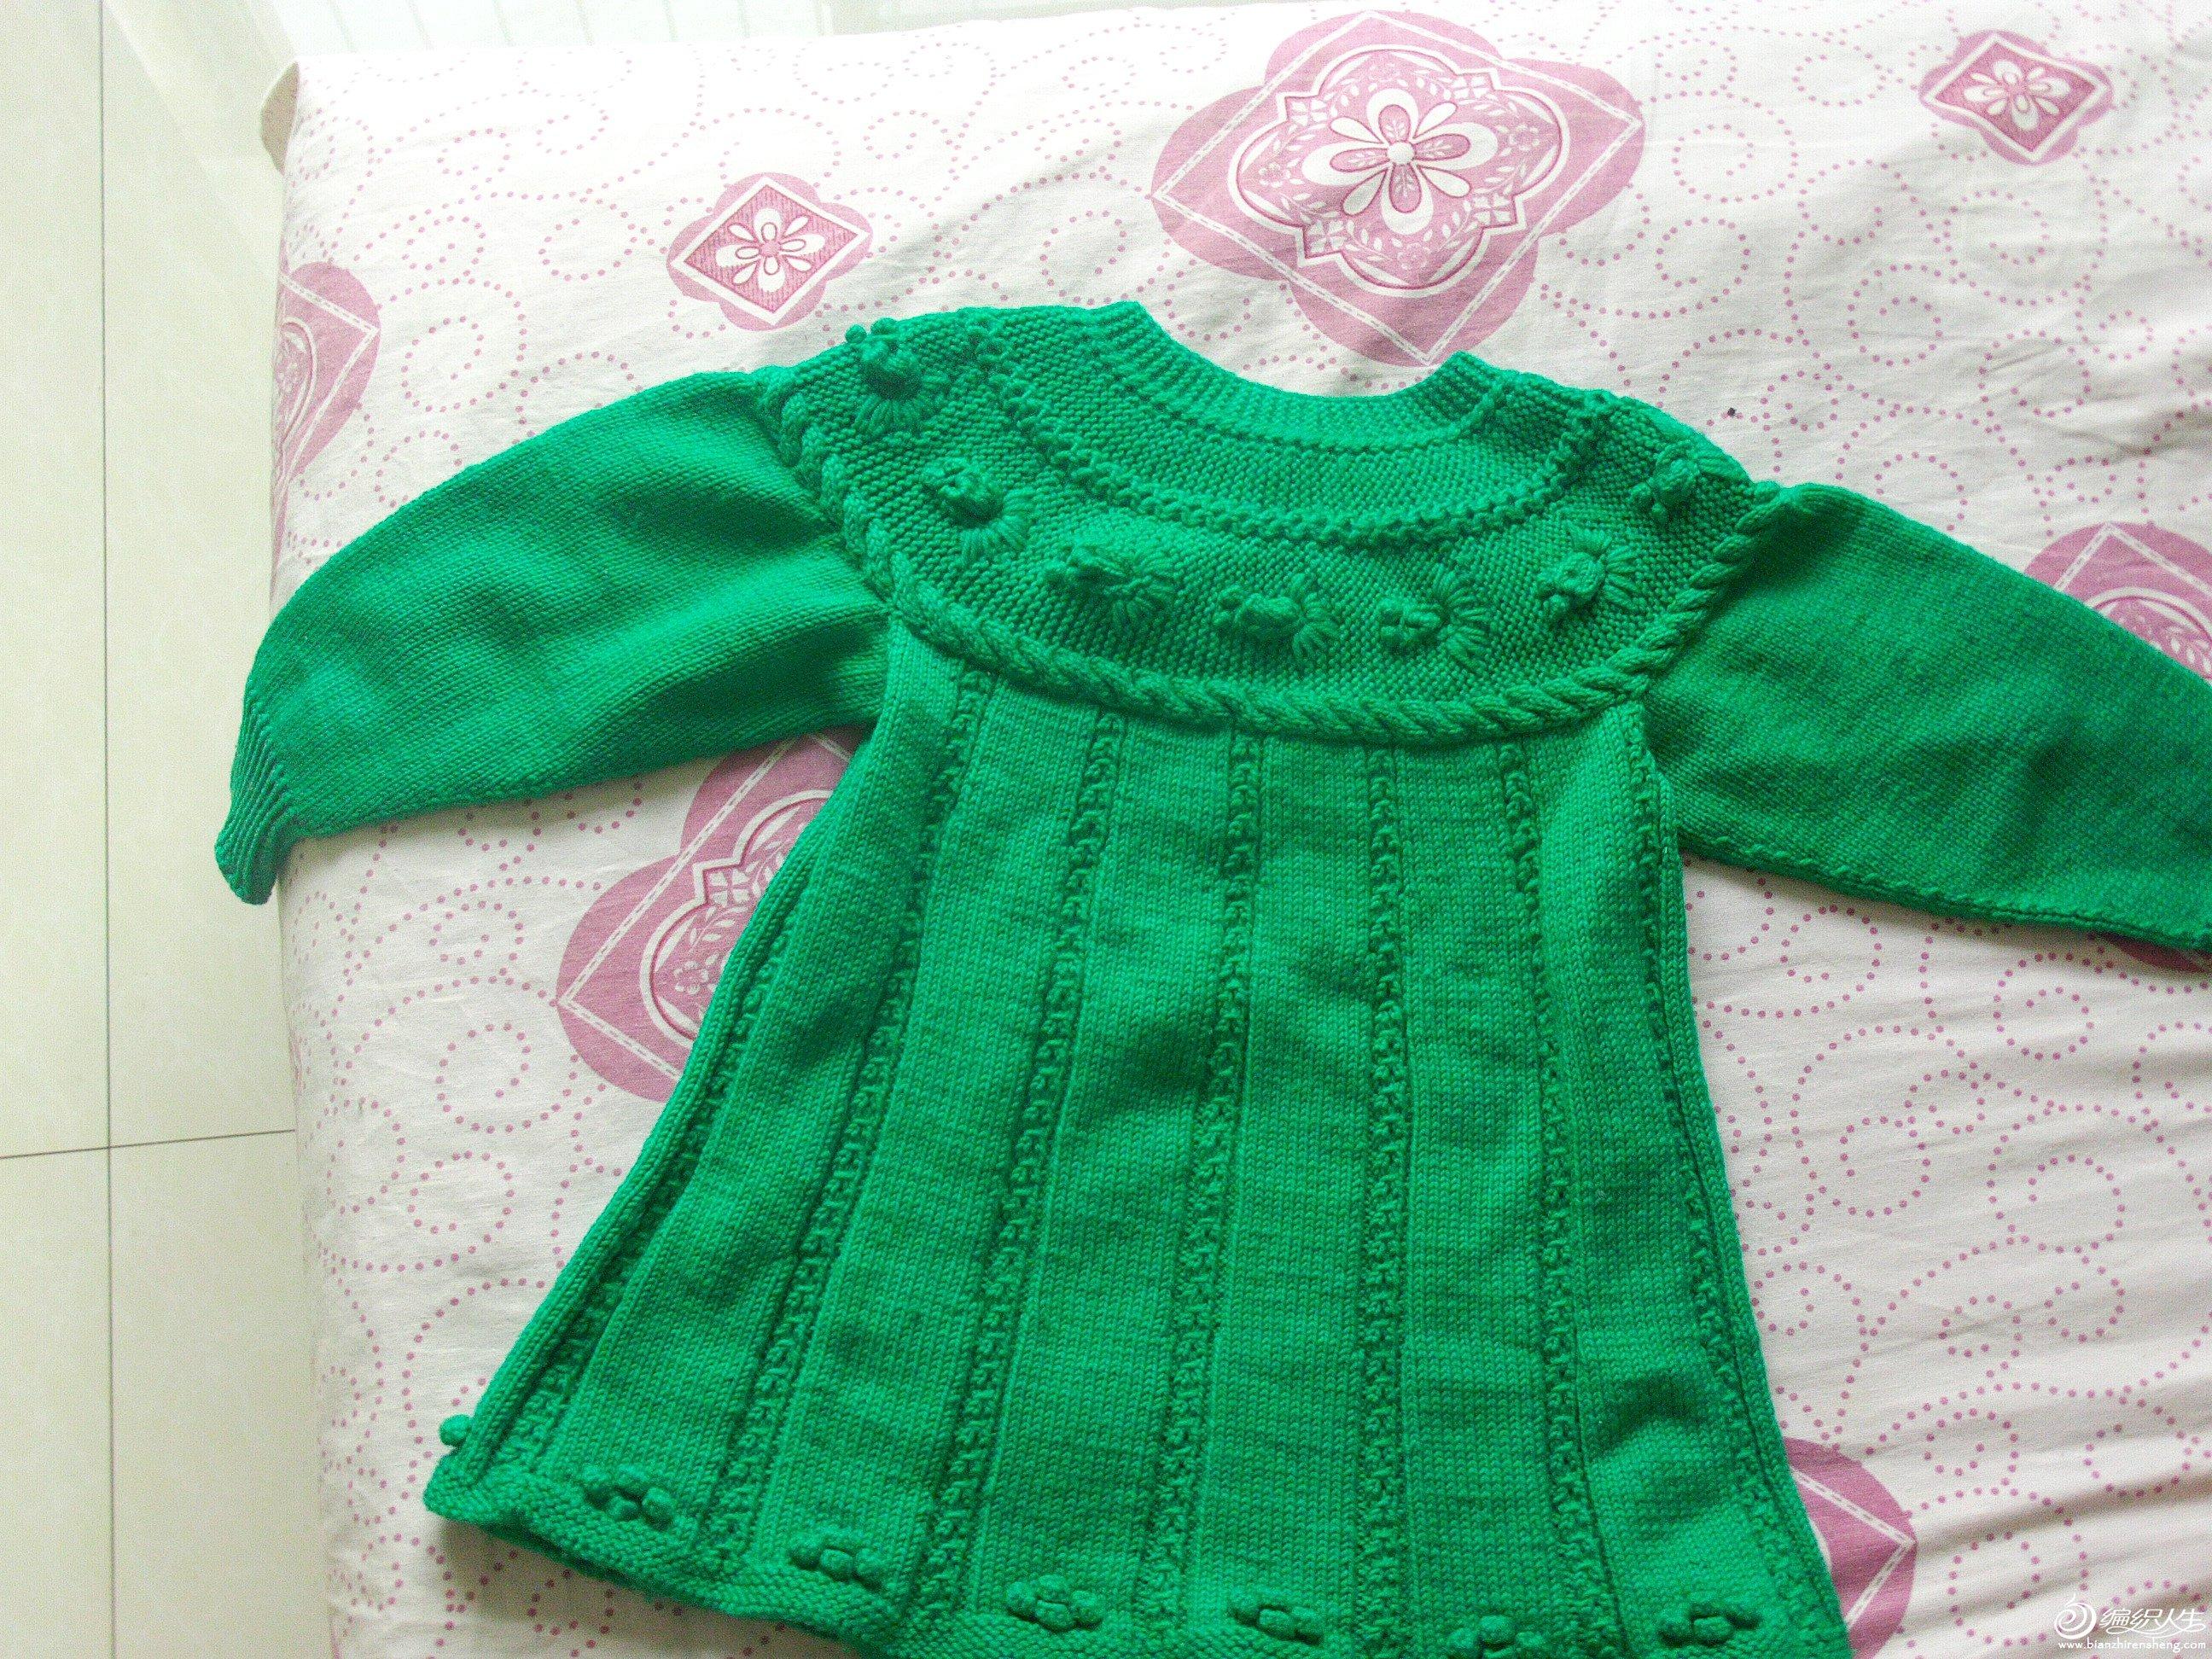 孩子喜欢金鱼毛衣,我对着网上的教程琢磨了很久,孩子要求织成小裙子的样子,我又做了前后差,穿起来很合适,孩子不在家,不然上几张真人像,过几天补上哈。http://www.bianzhirensheng.com/bangzhenjiaocheng/20091229-16854.html参考这个织的,谢谢做教程的姐妹啊